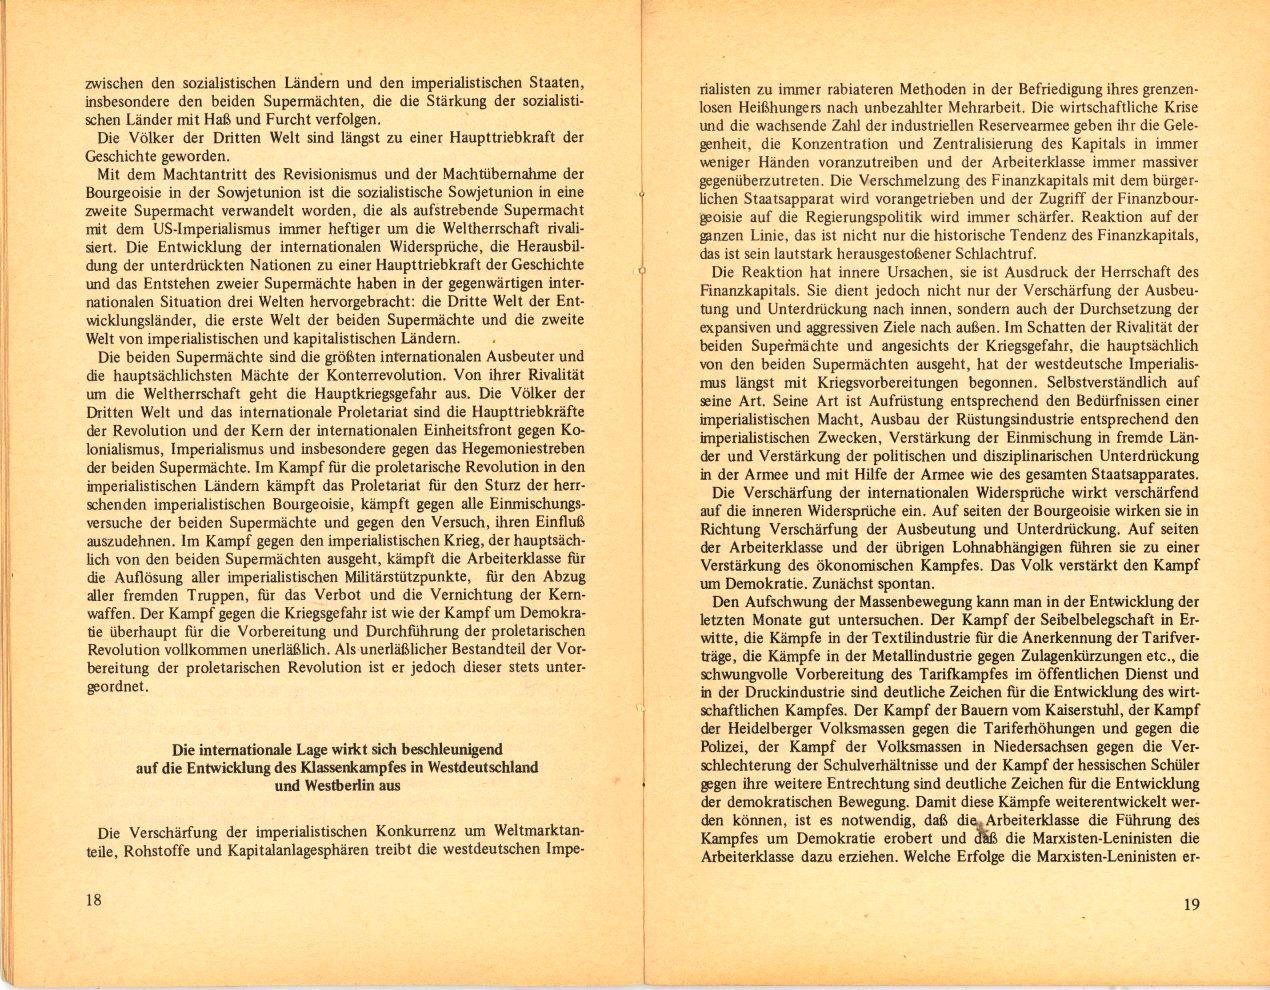 KBW_Materialien_zur_Auseinandersetzung_in_der_mlB_1976_11